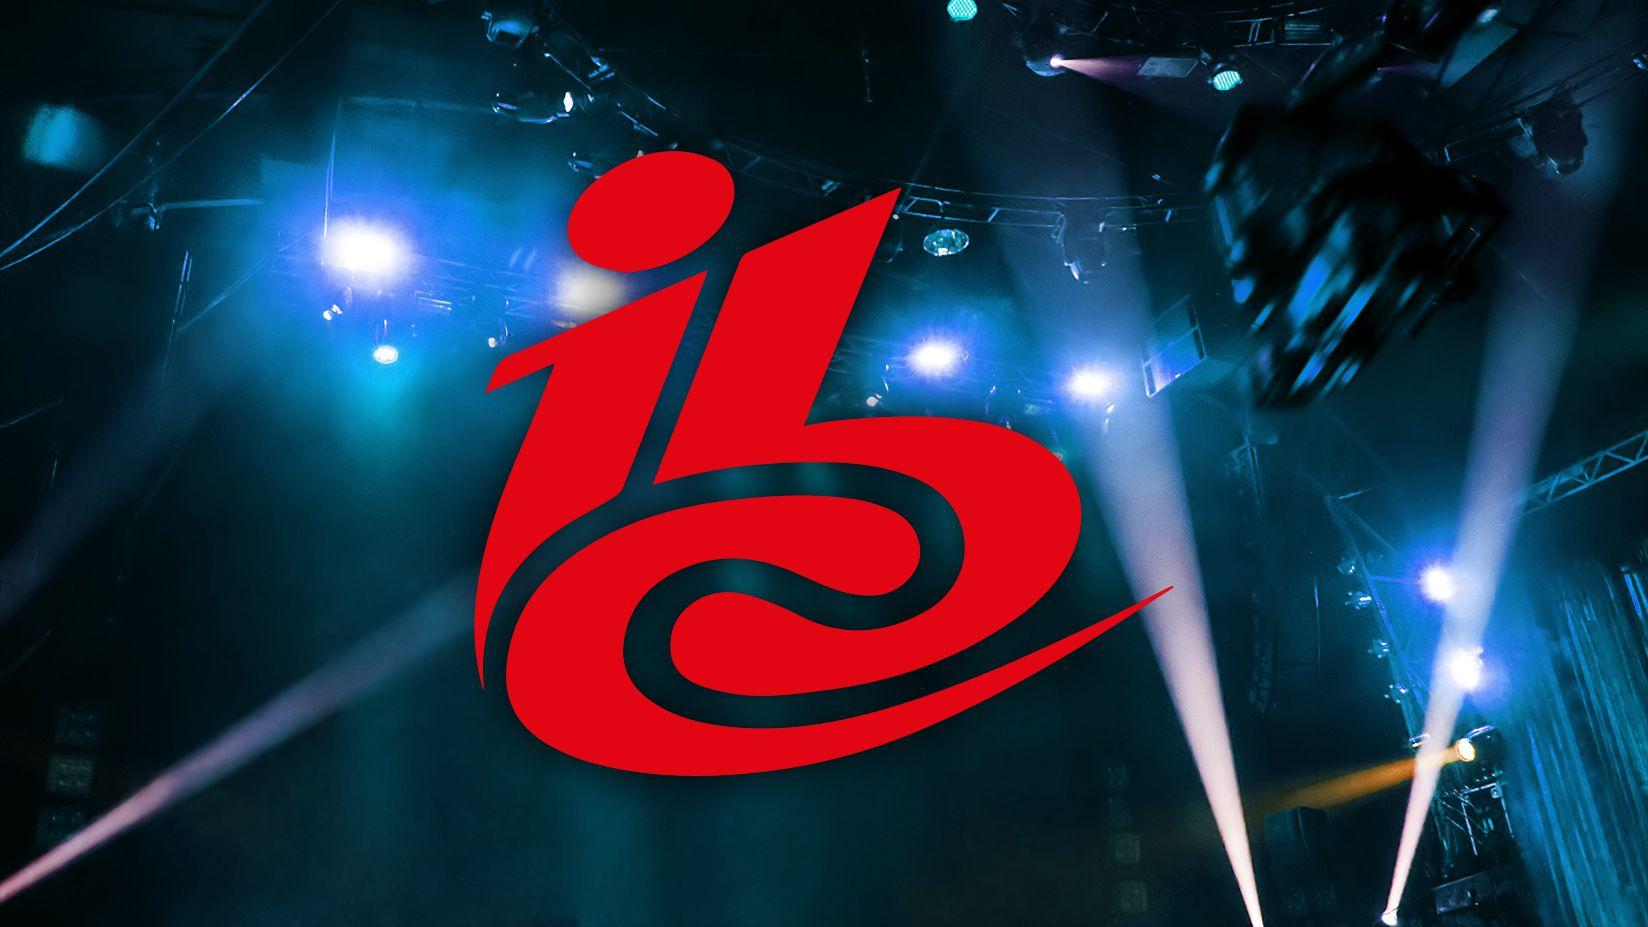 отменили выставку IBC 2020